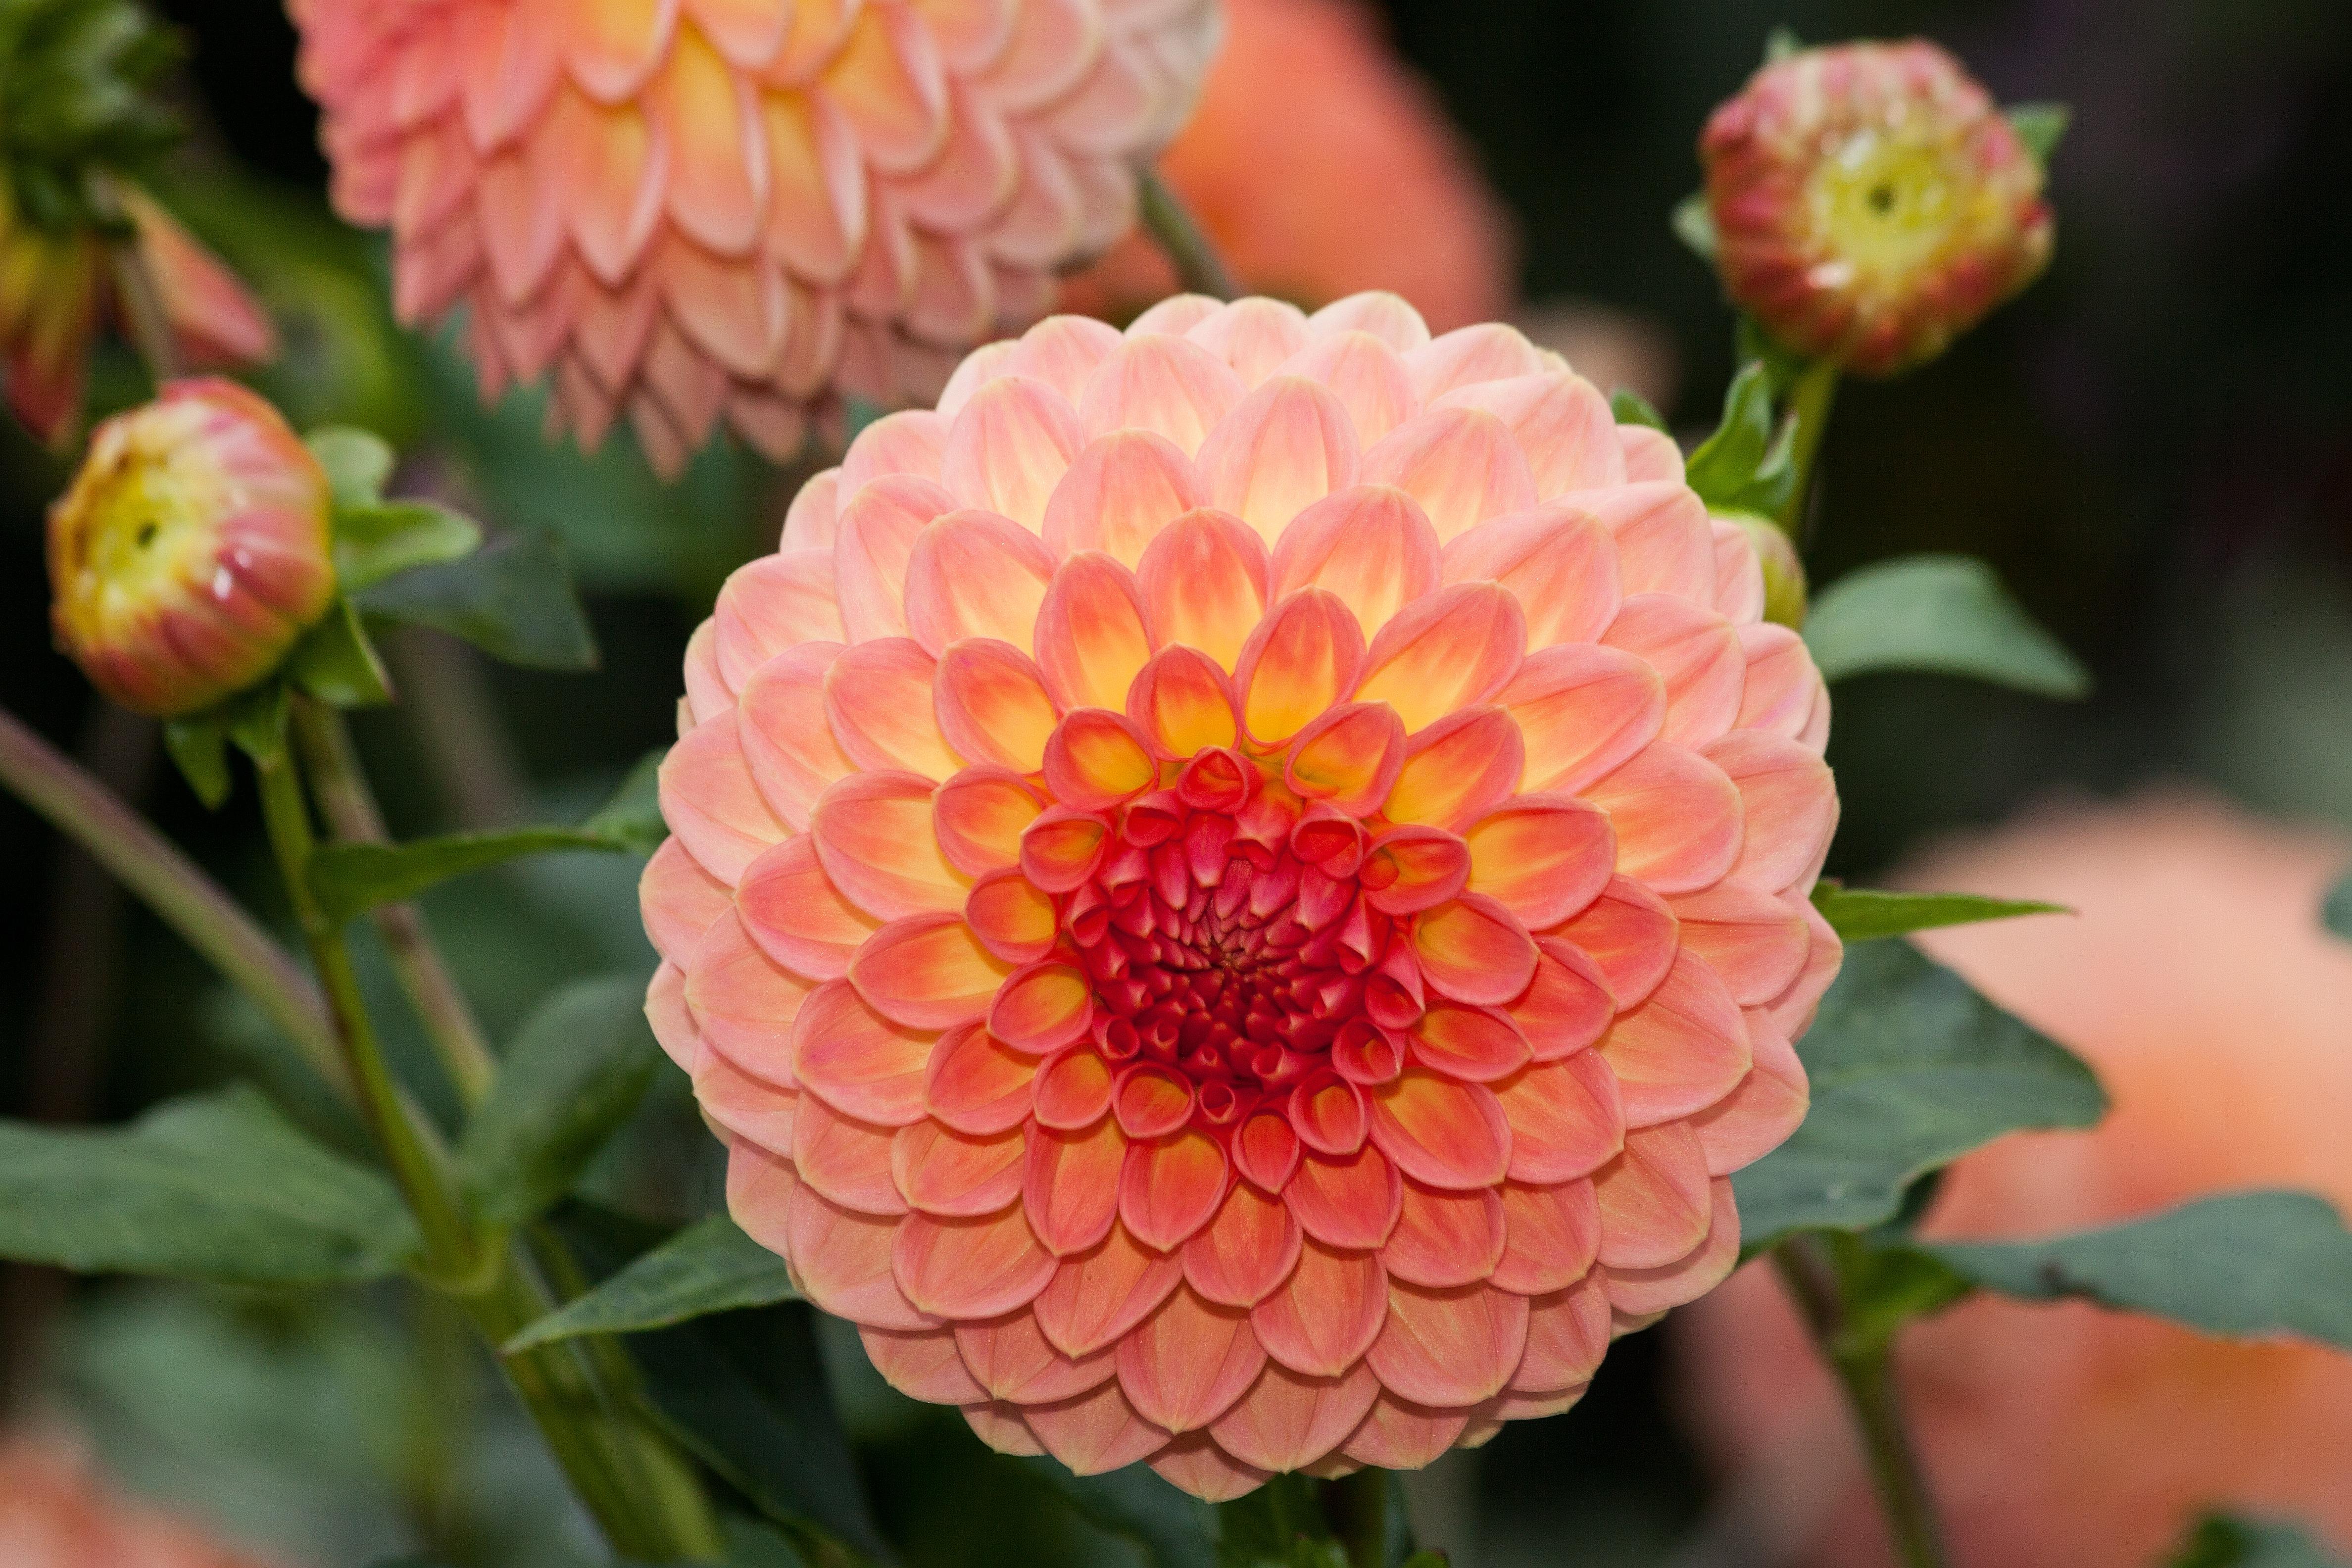 images gratuites : fleur, pétale, floraison, orange, l'automne